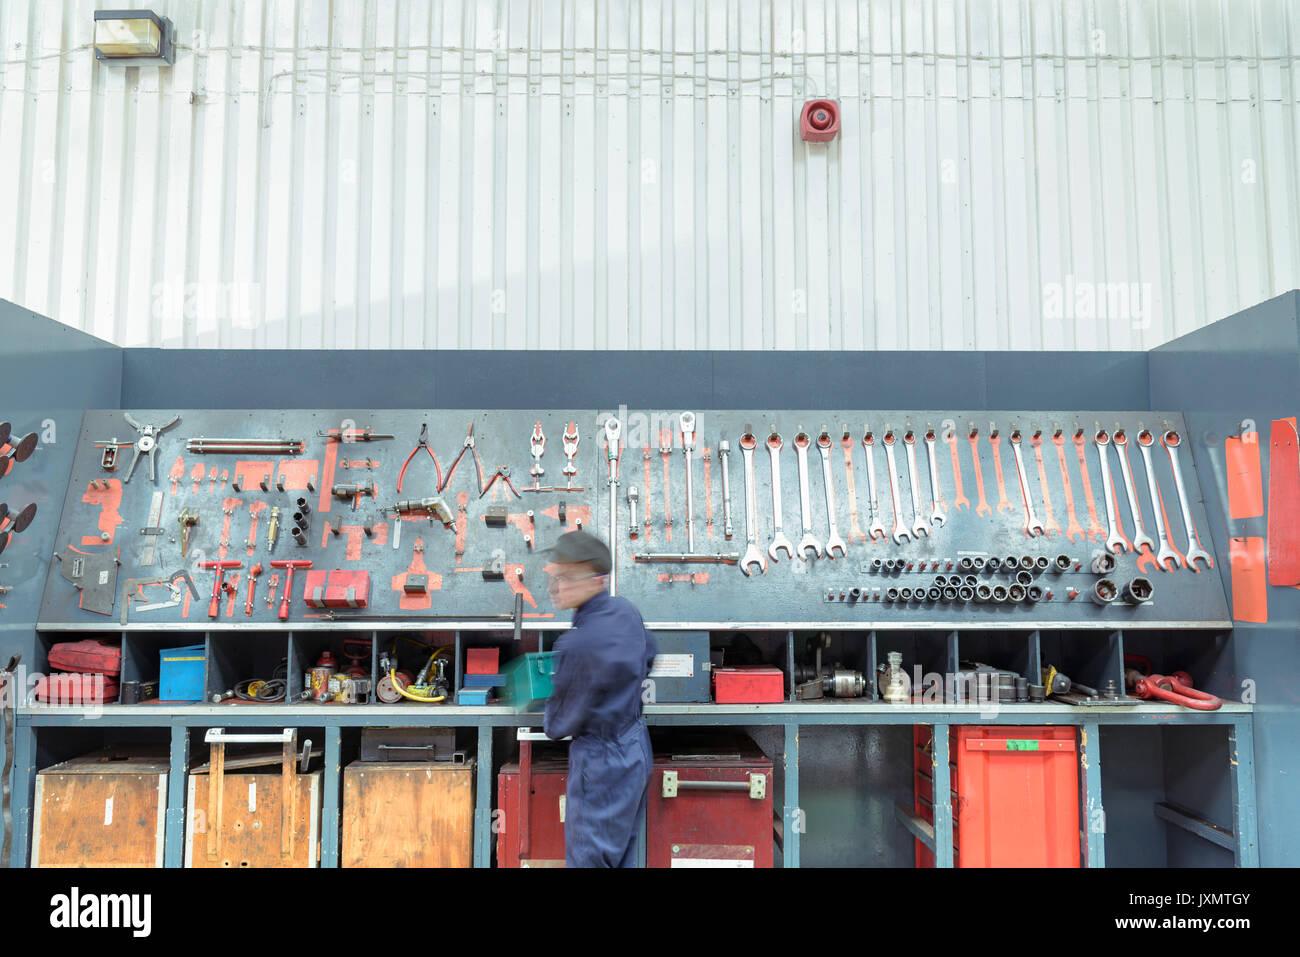 Mécanicien outils de préparation à la formation Travaux publics Photo Stock